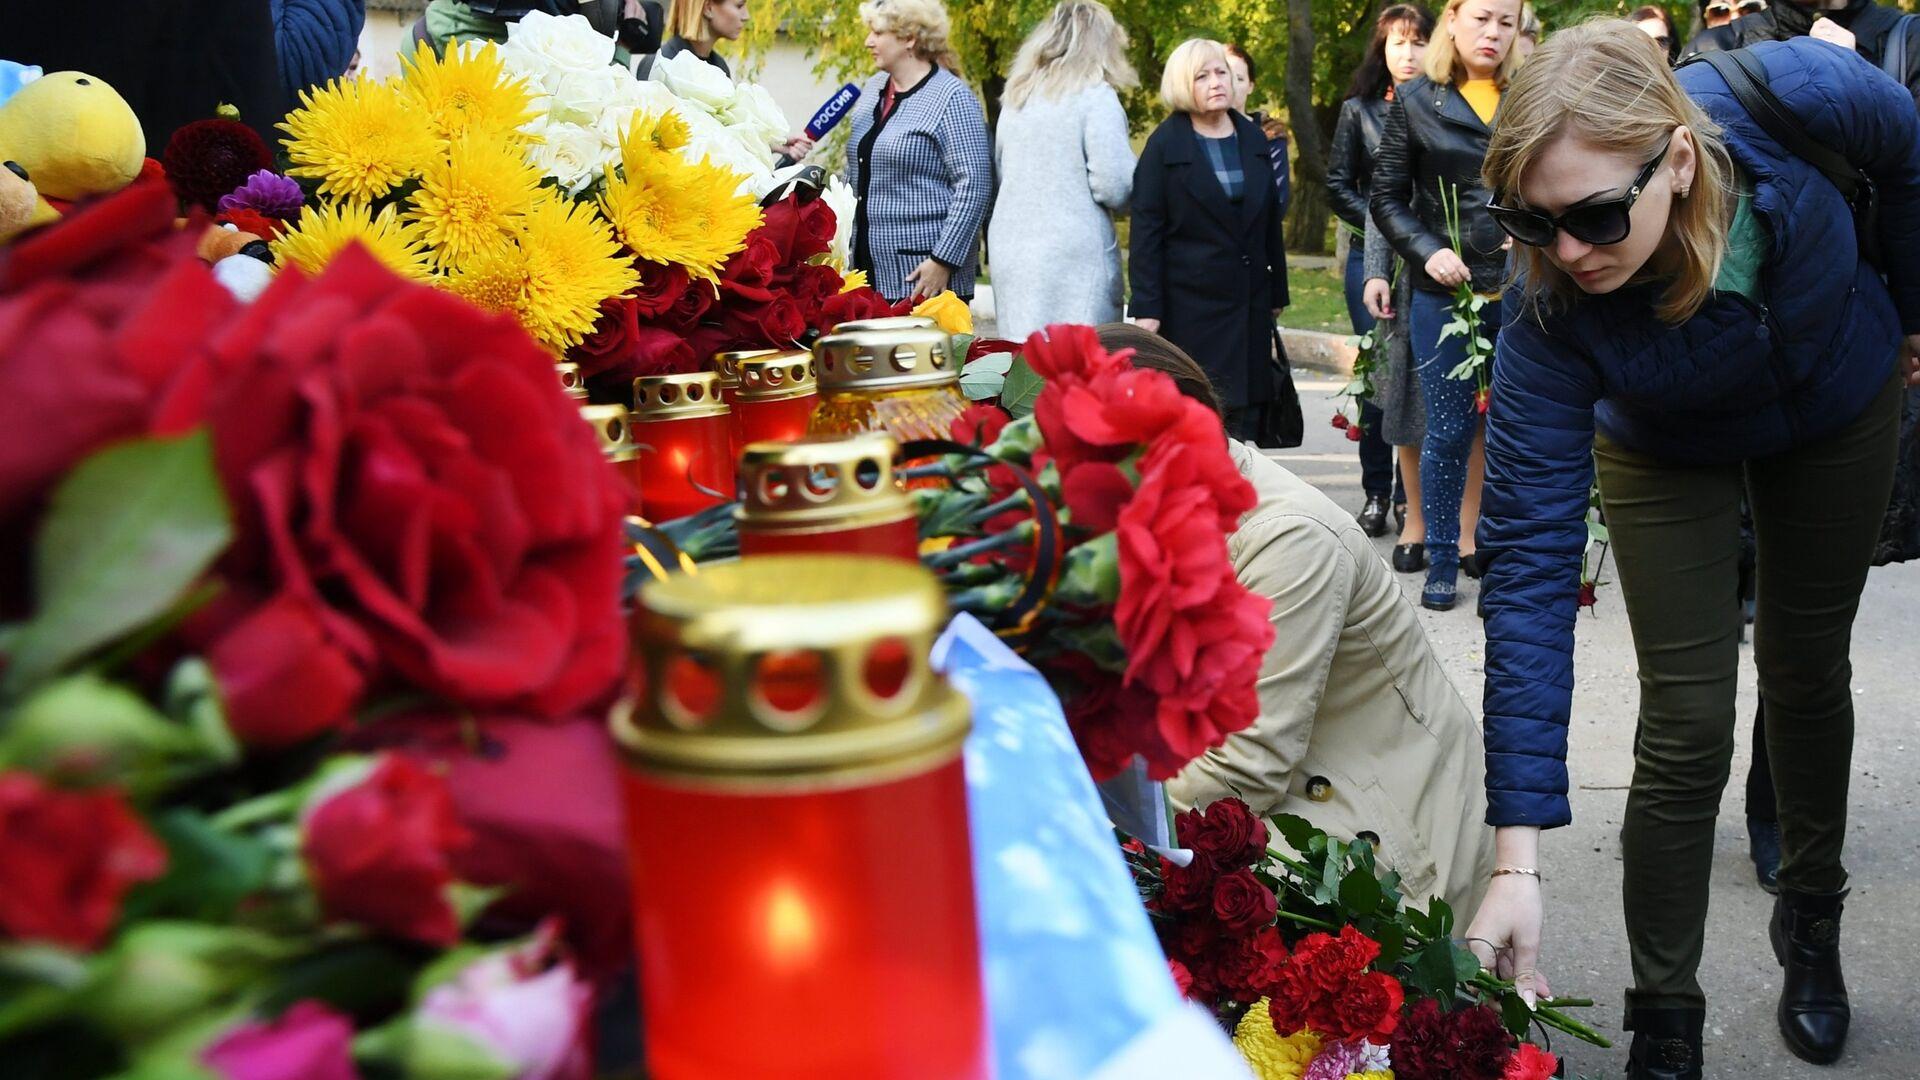 В Крыму объявили трехдневный траур в связи с трагедией в Керчи - РИА Новости, 1920, 17.10.2021